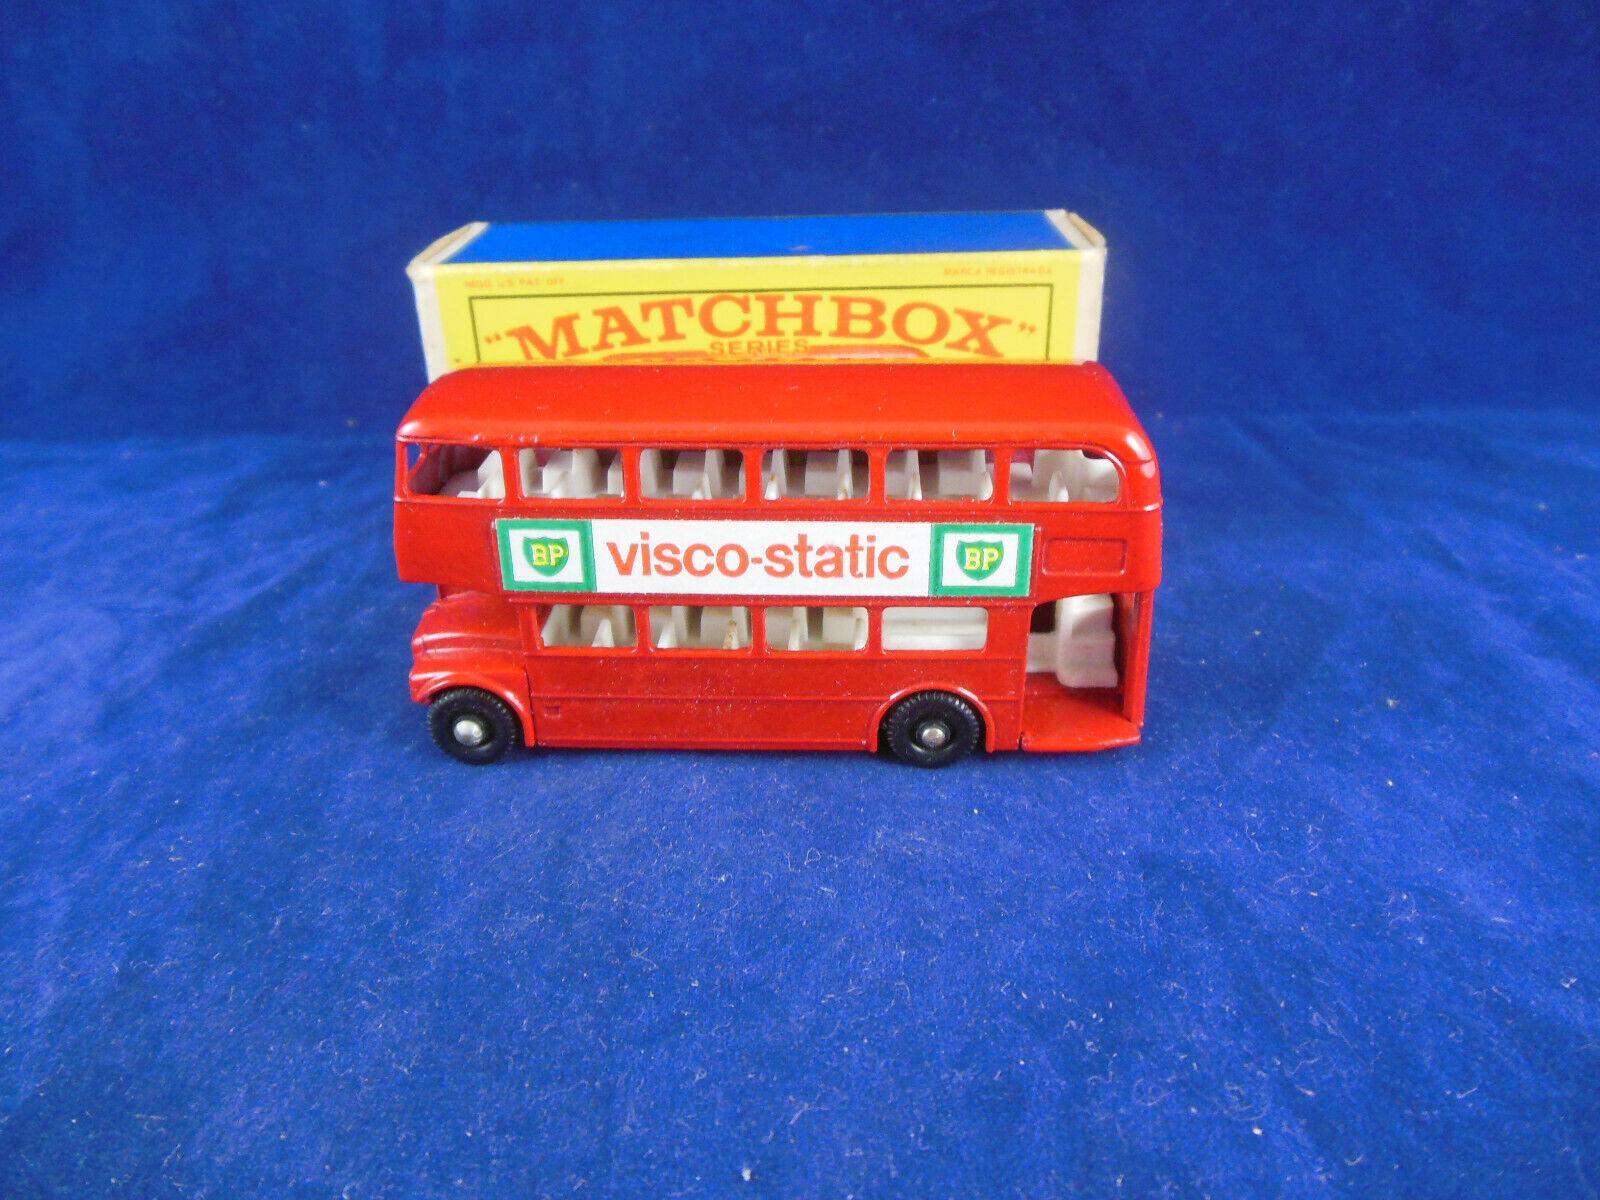 Matchbox Regular ruedas 5 D Londres Routemaster Bus BP Visco estática